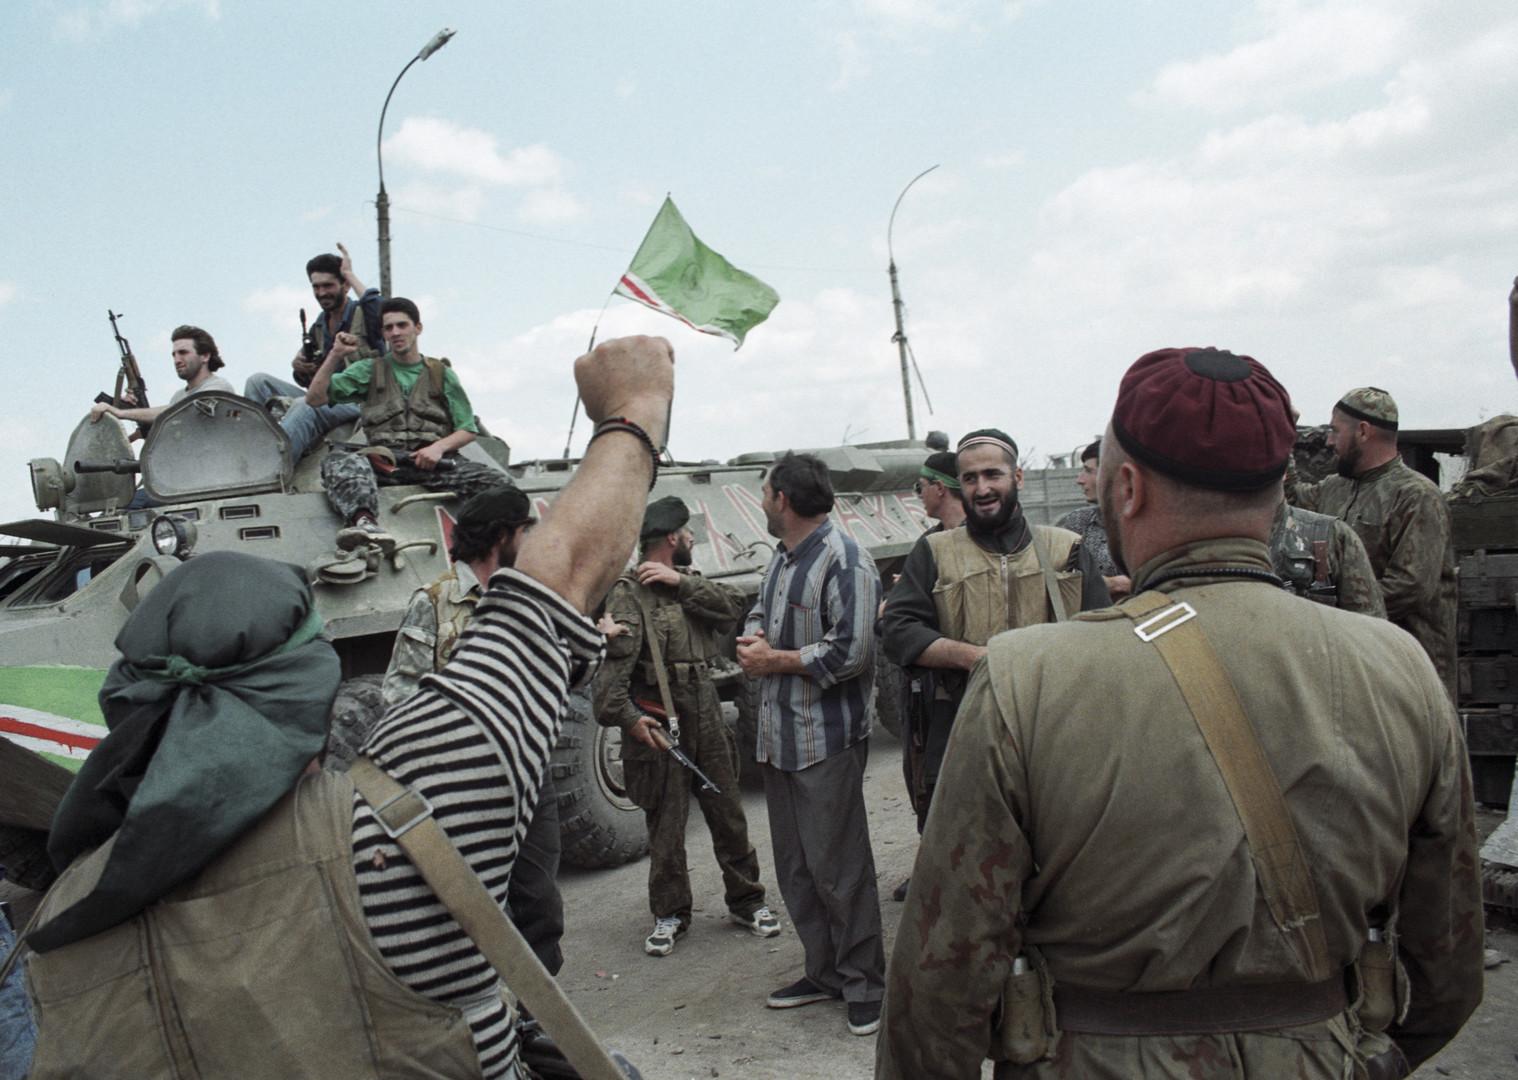 Troupes russes en Syrie : quand le Parlement a-t-il déjà donné son accord par le passé?